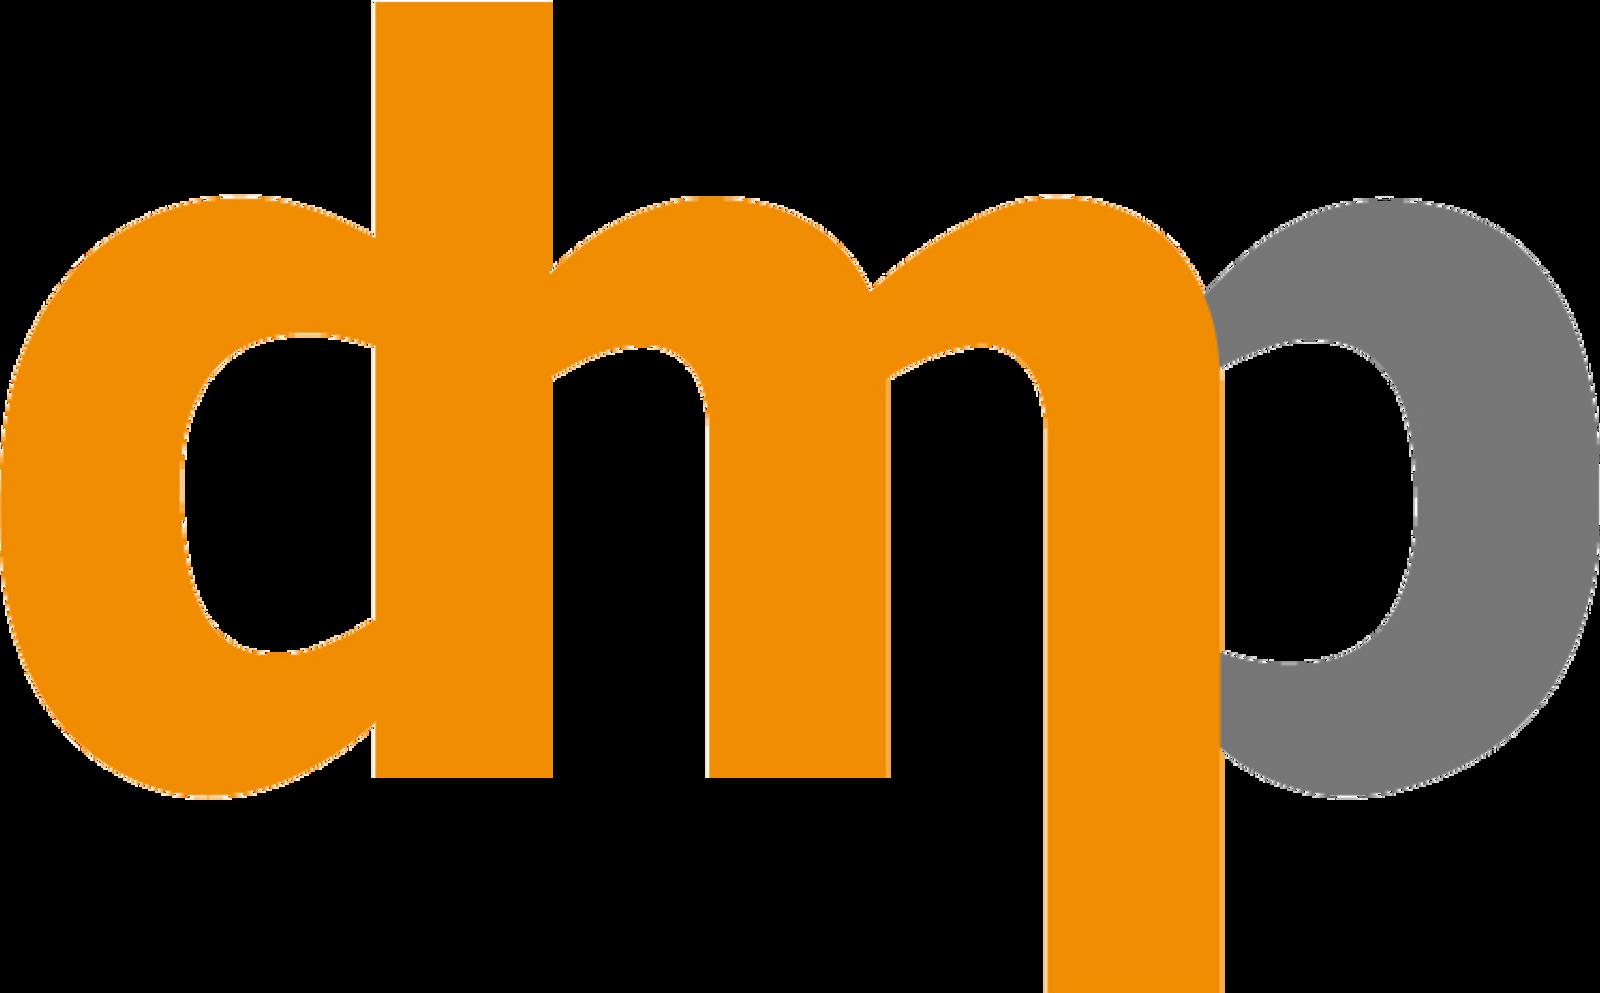 Exivity | DMP